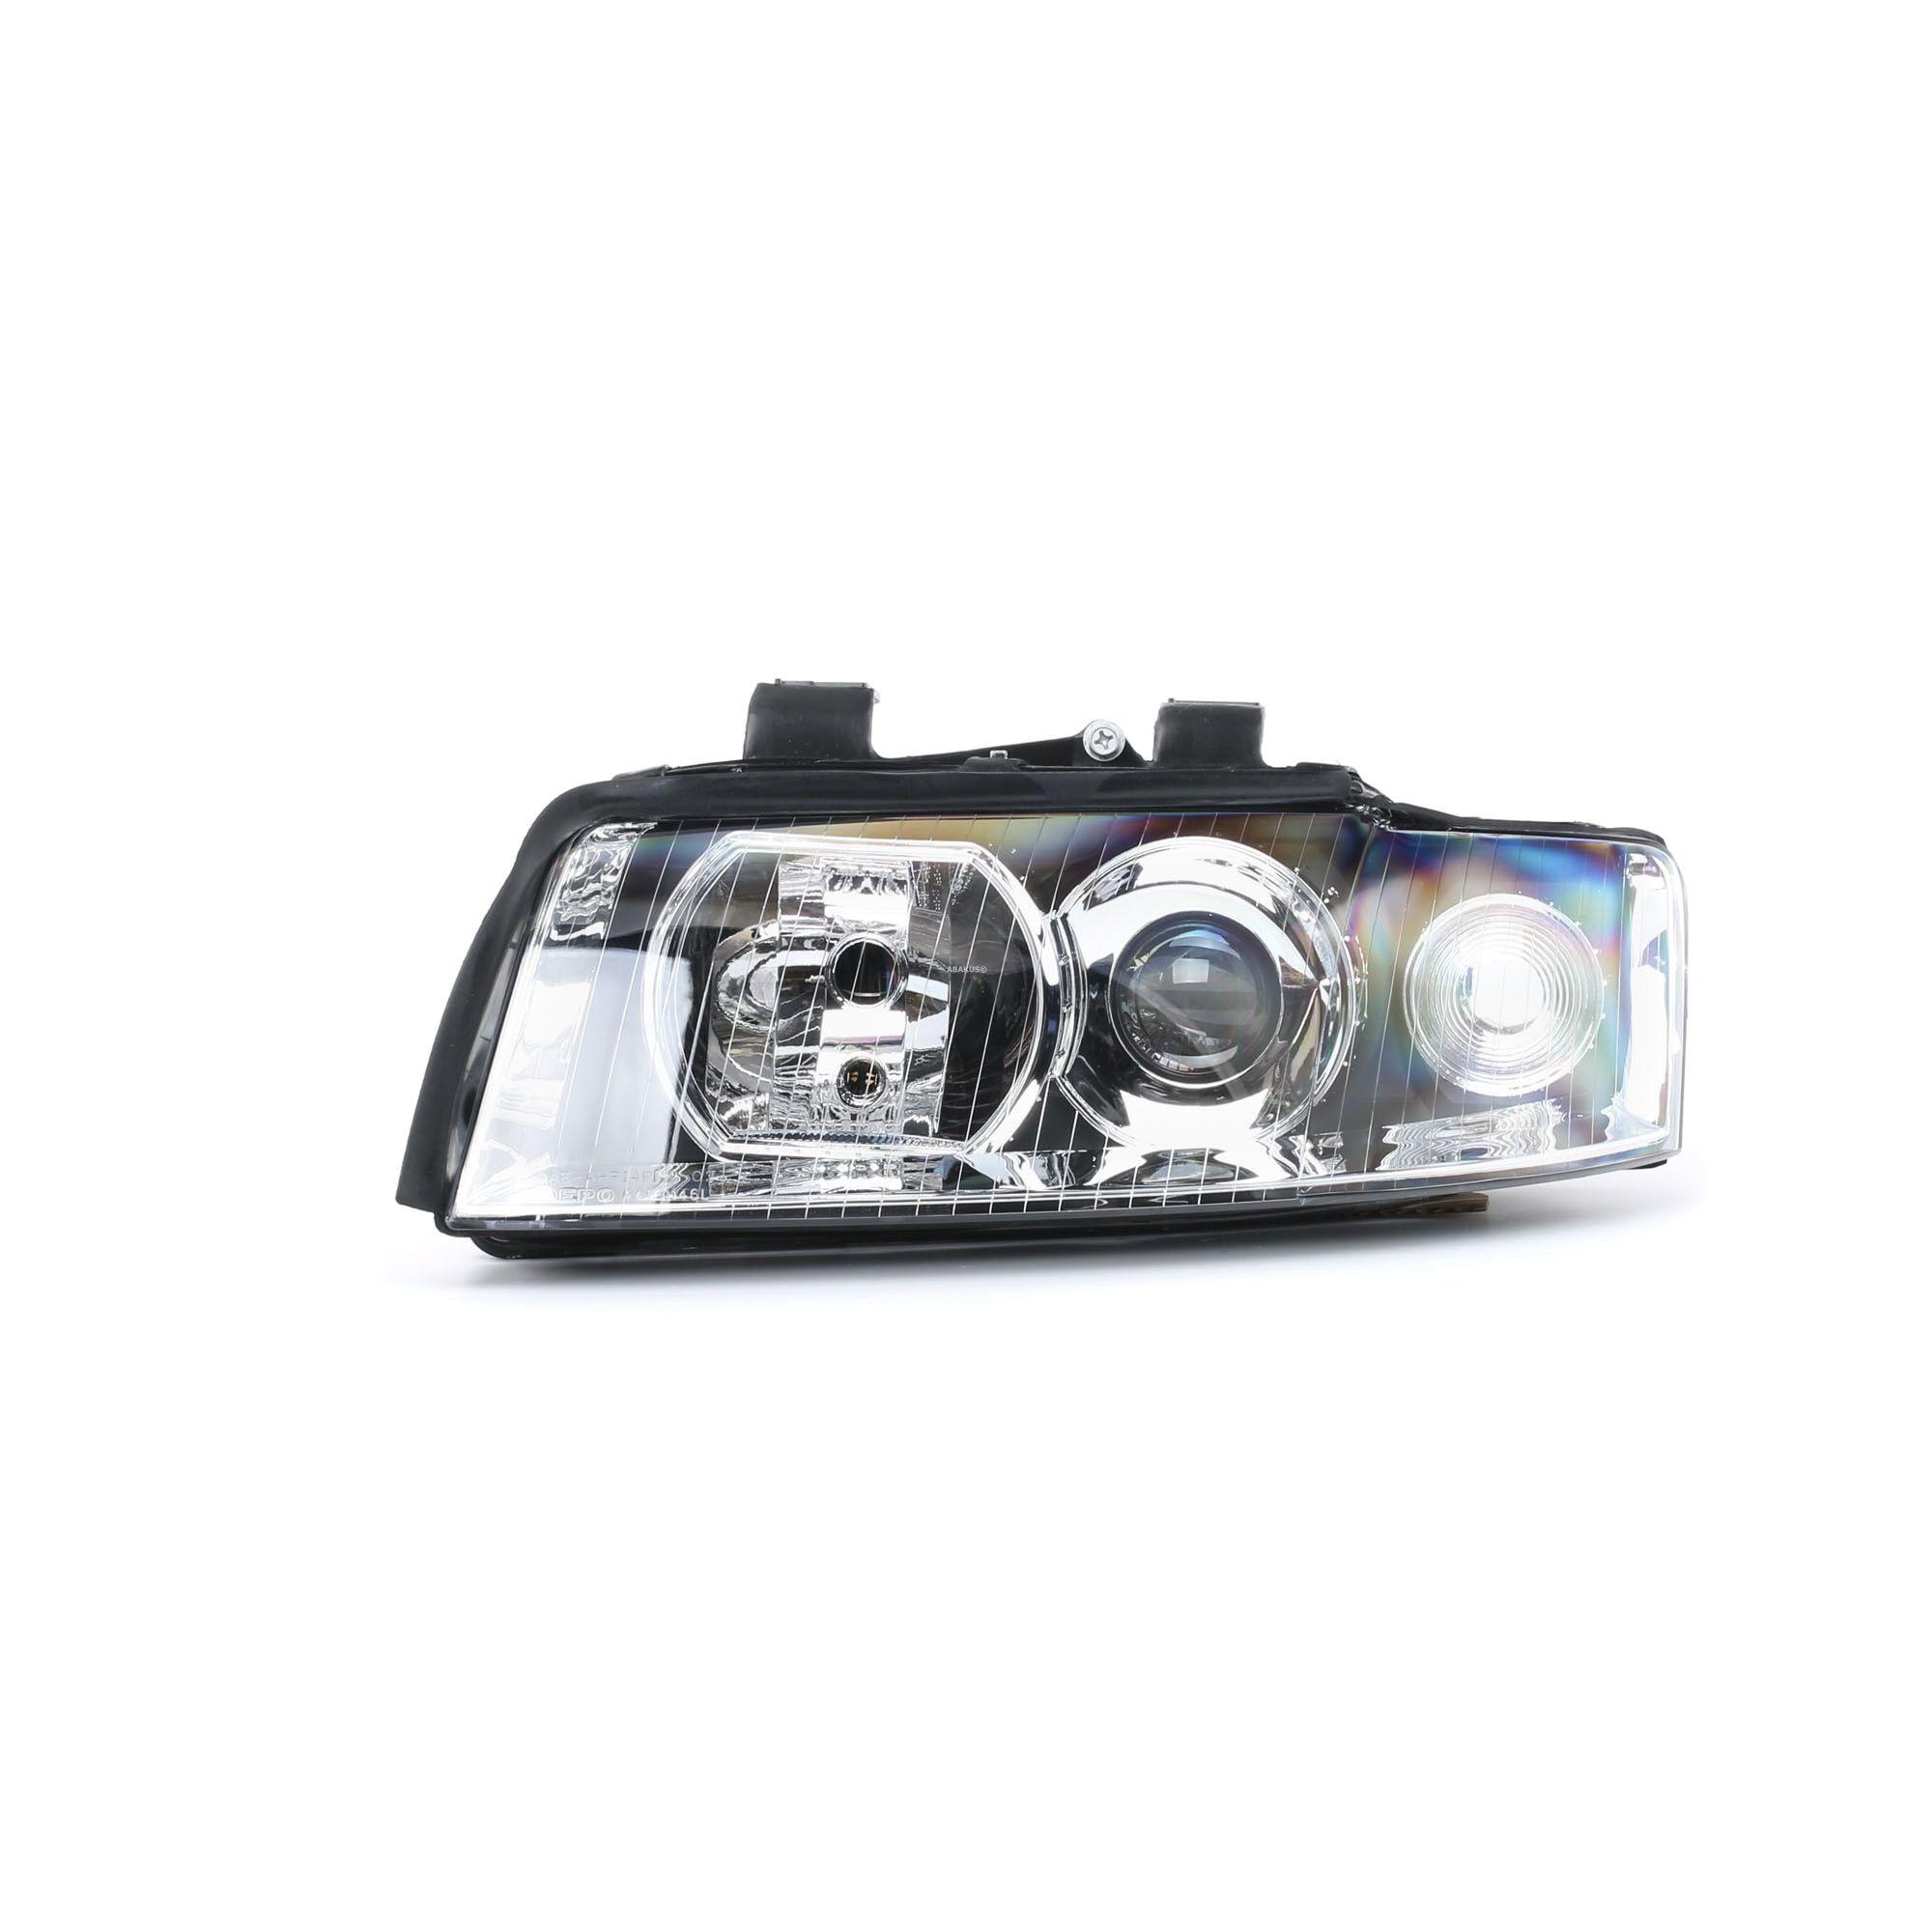 ABAKUS: Original Autoscheinwerfer 441-1146L-ND-EM (Fahrzeugausstattung: für Fahrzeuge mit Leuchtweiteregelung)